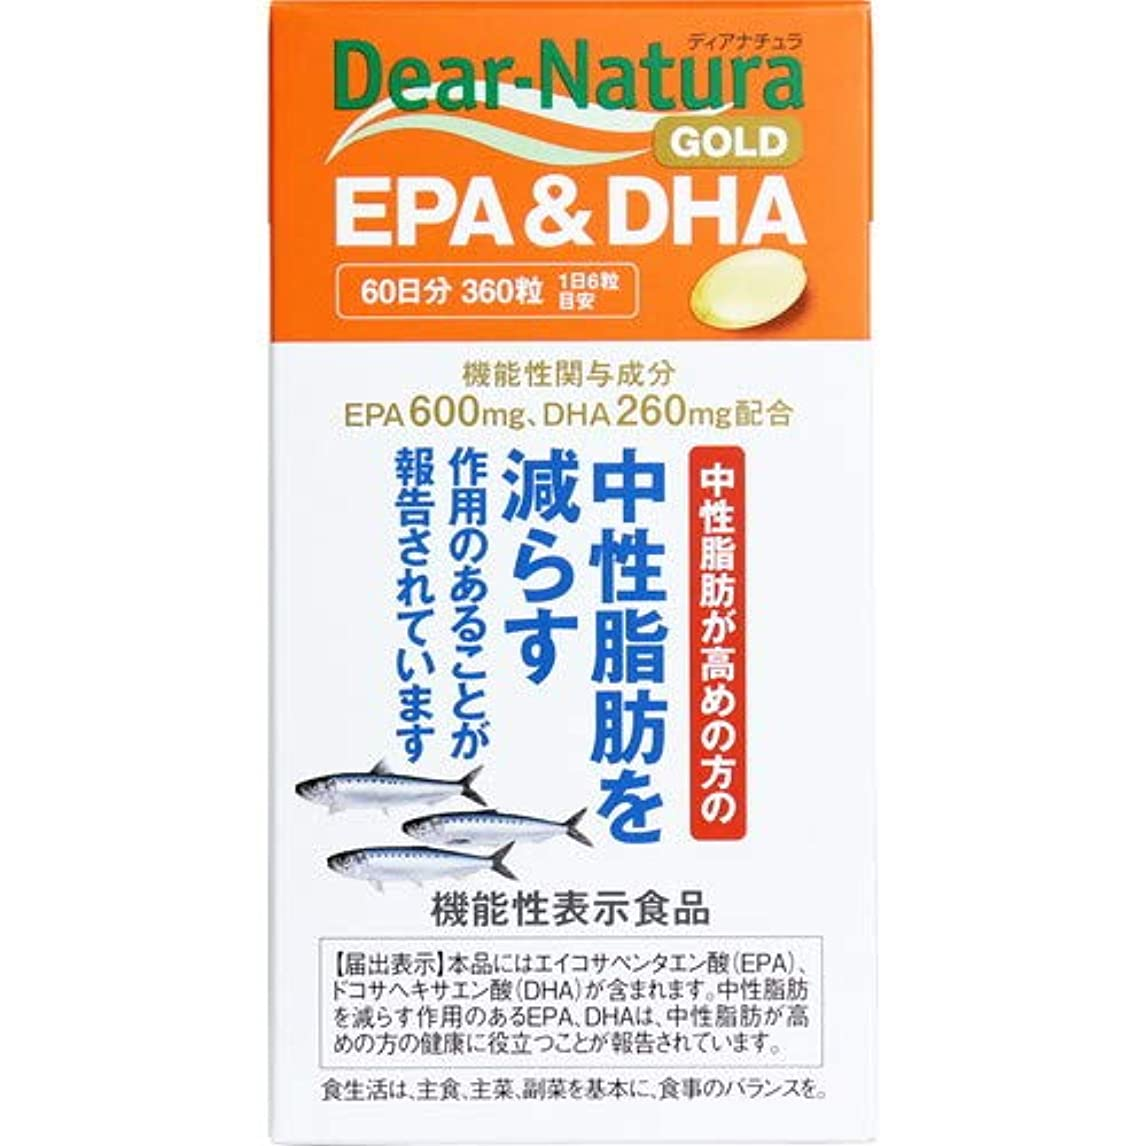 命令的無暴力的なディアナチュラゴールド EPA&DHA 60日分 360粒入